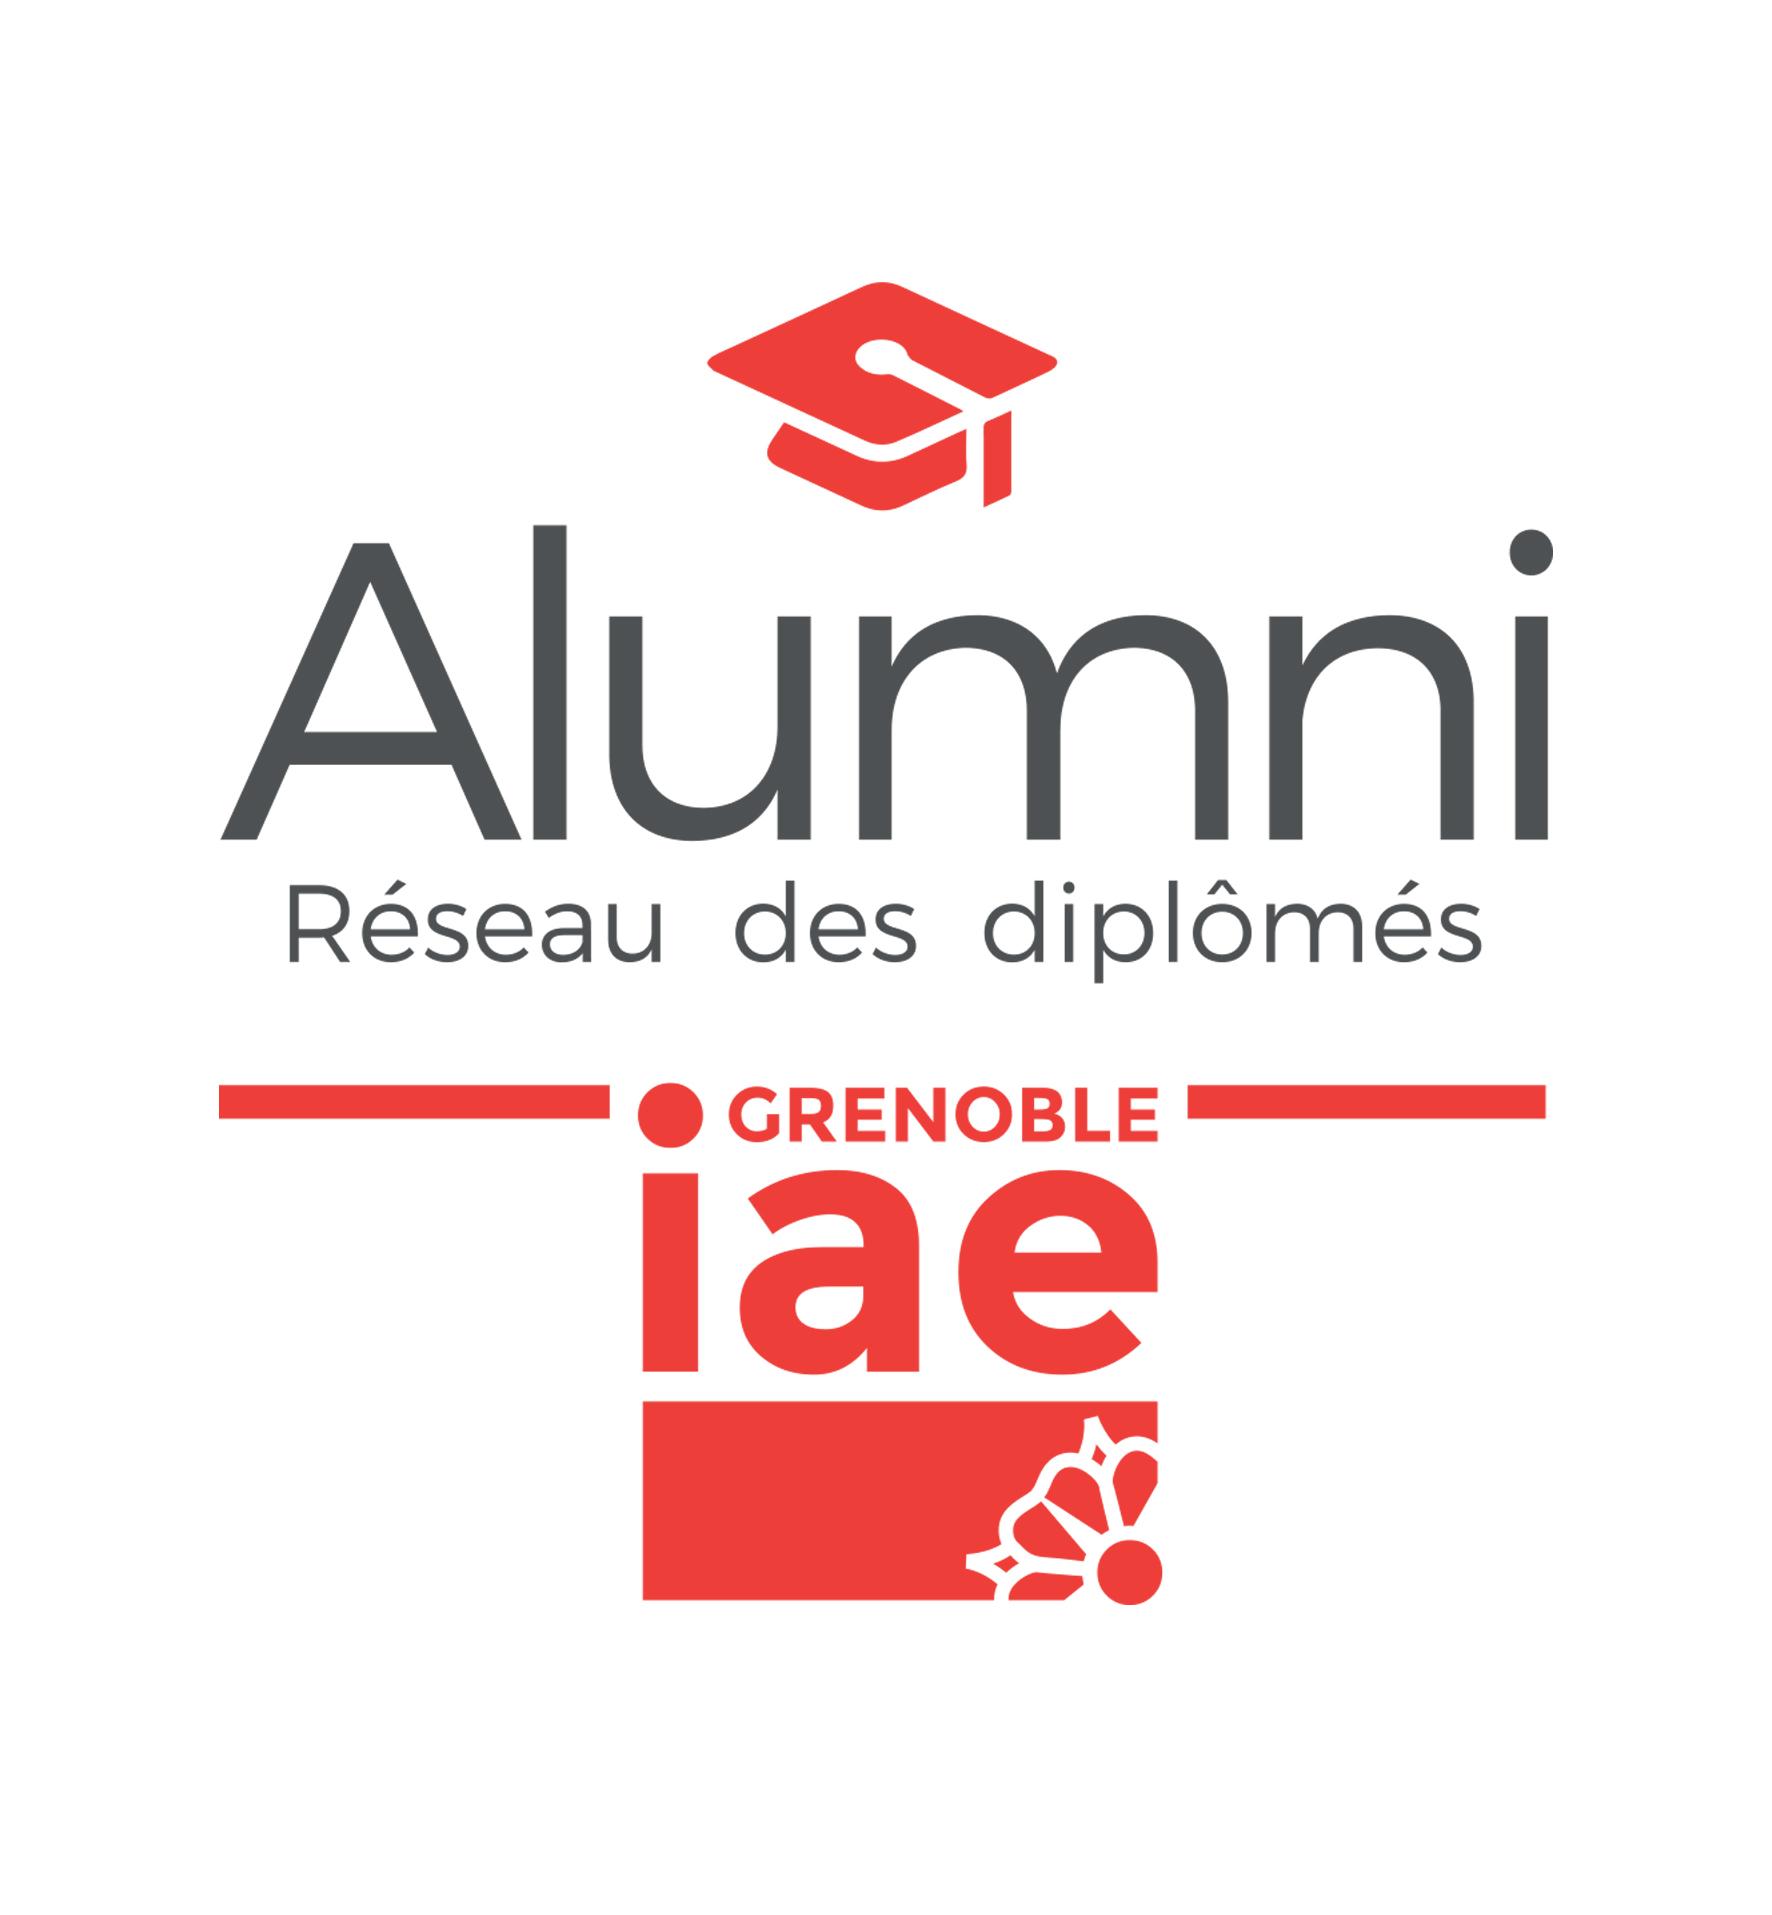 Réseau des diplômes Alumni